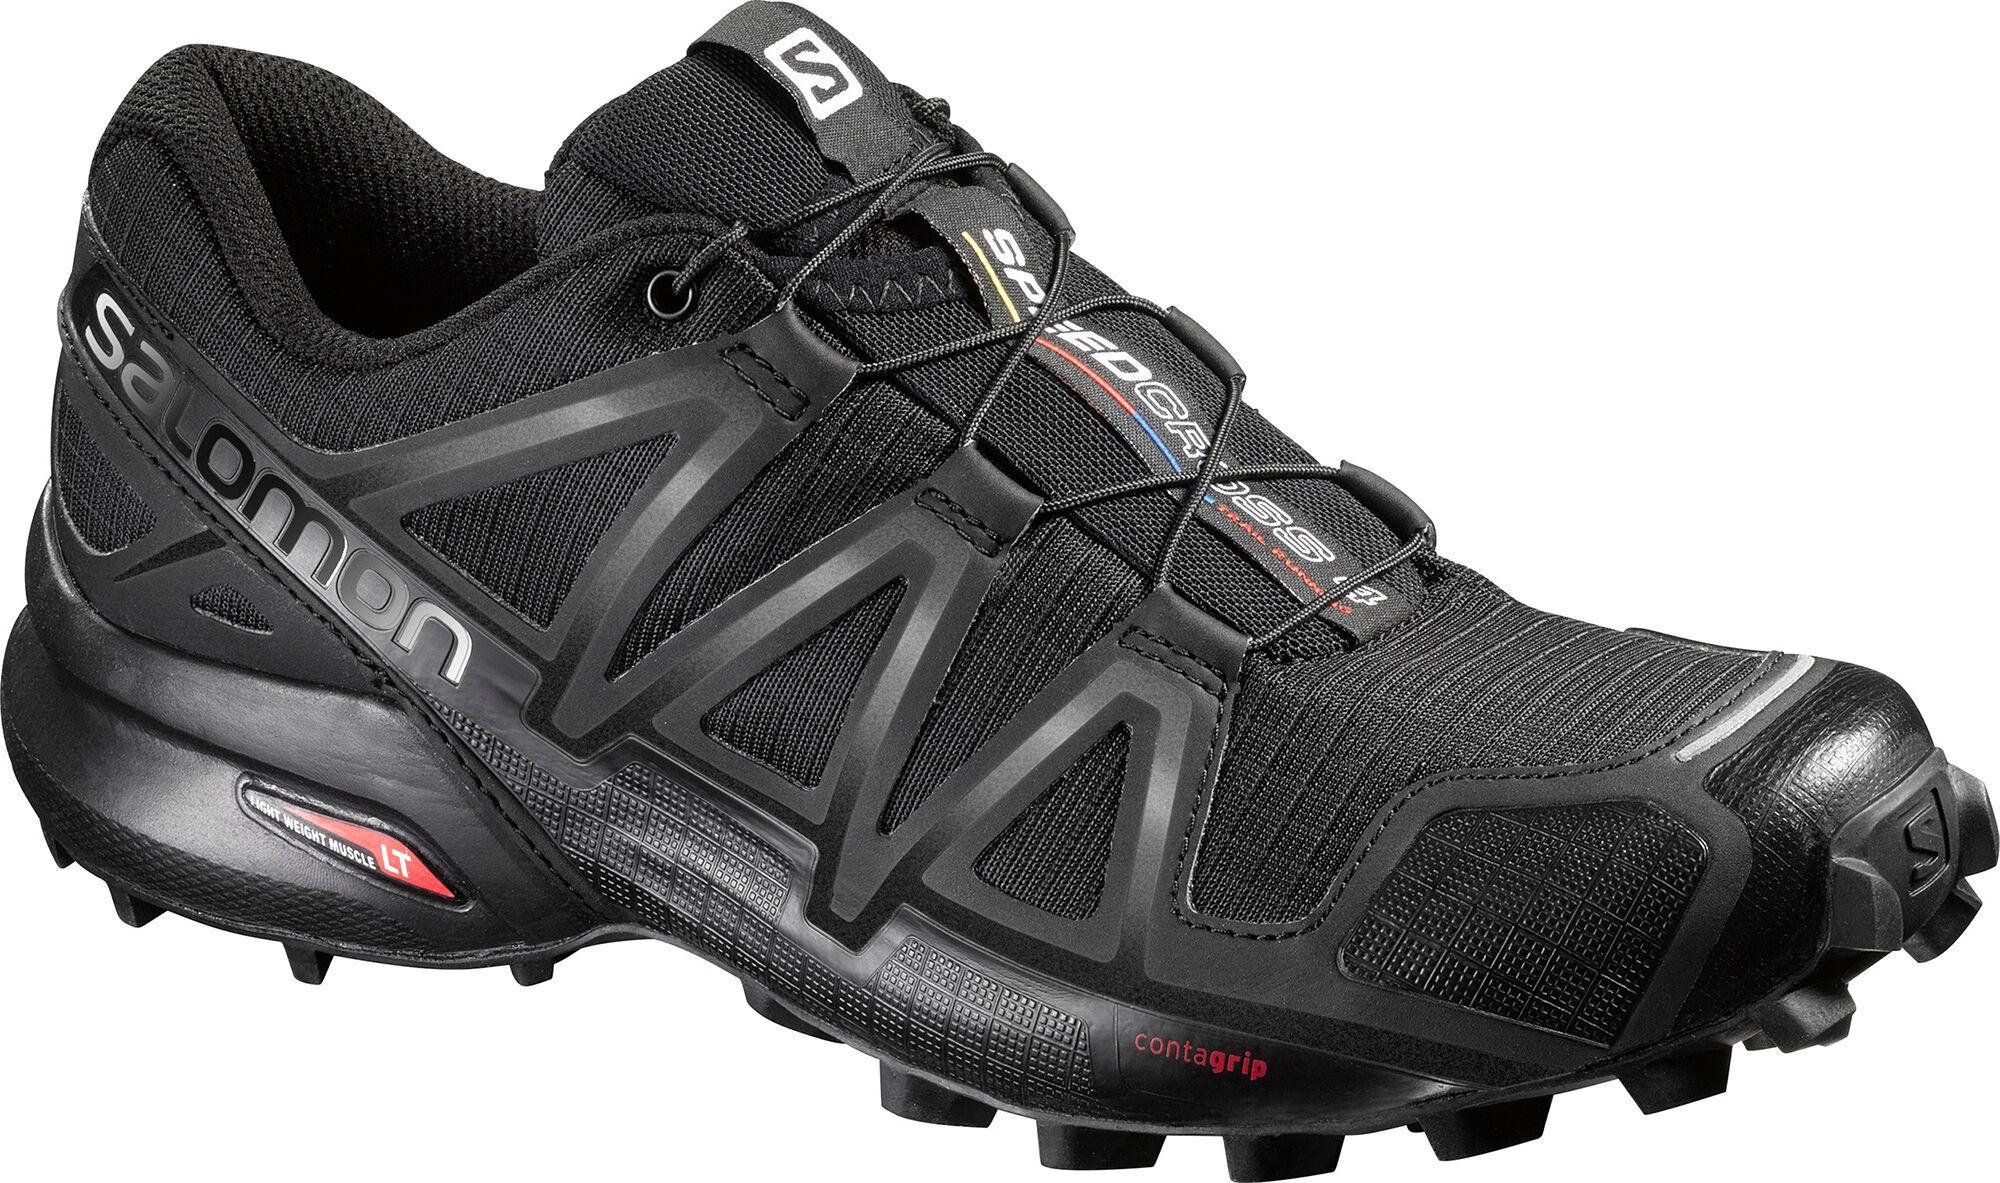 Damen Schuhe, kaufen Salomon Schuhe Damen schwarz Salomon